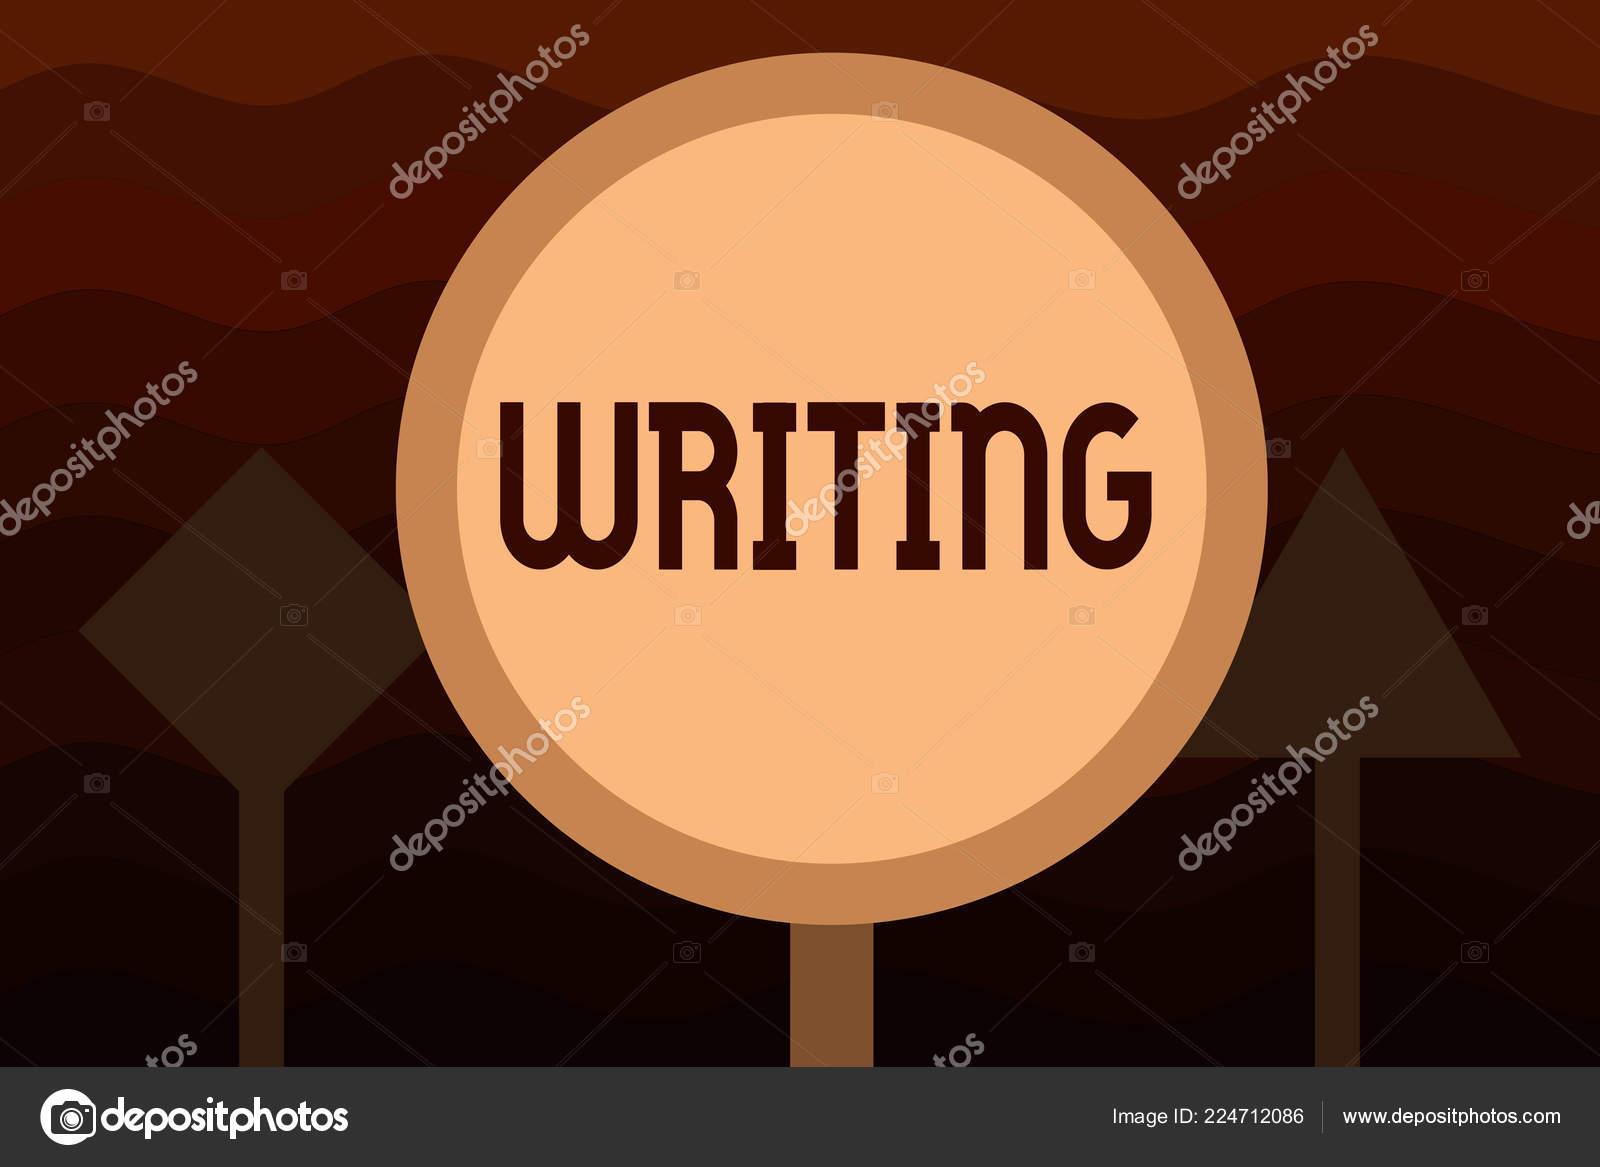 e90a6f3a3f5b4 Conceito significa ação de escrever algo fazendo observações importantes  papéis de